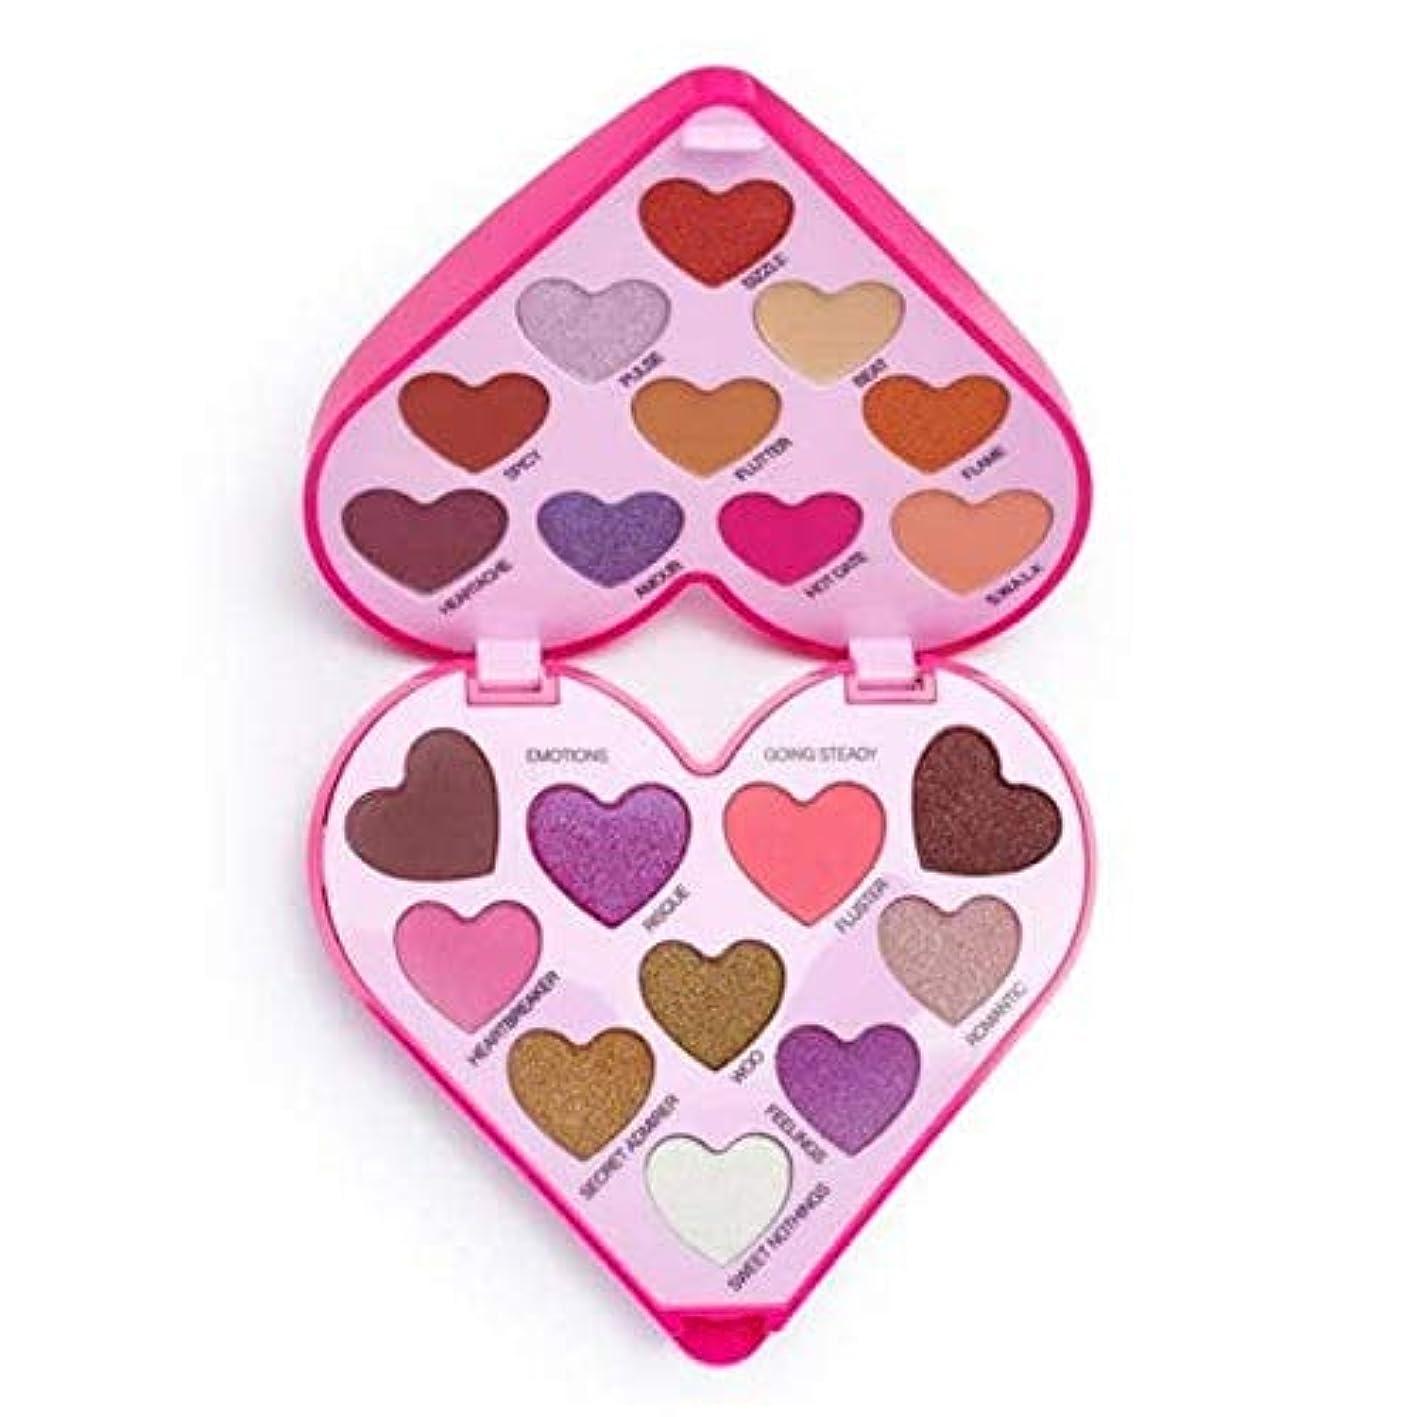 クライストチャーチ甘い放映[I Heart Revolution ] 私は心の革命のハートビートアイシャドウパレット - I Heart Revolution Heartbeat Eye Shadow Palette [並行輸入品]